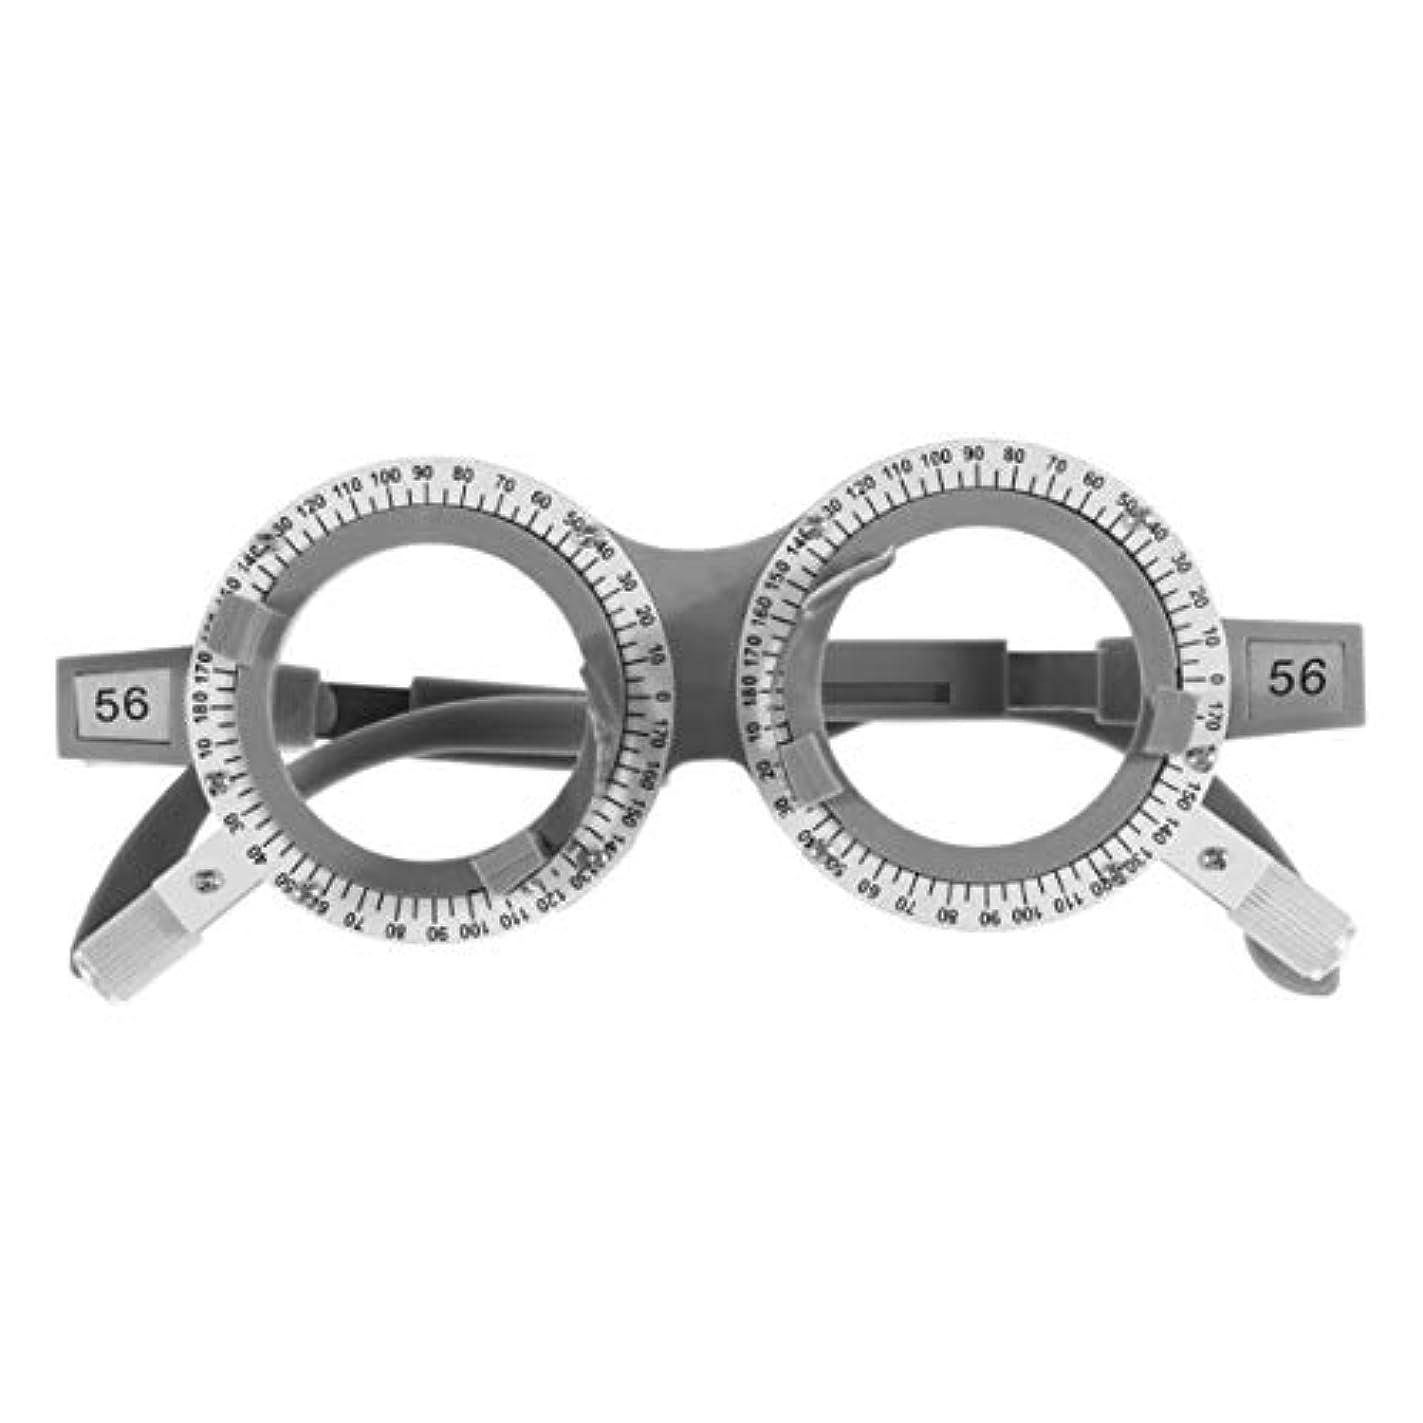 ラリーコンピューターウェブSUPVOX 光学トライアルレンズフレームpd 56光学チタン光学トライアルアイ検眼レンズフレームテスト眼鏡